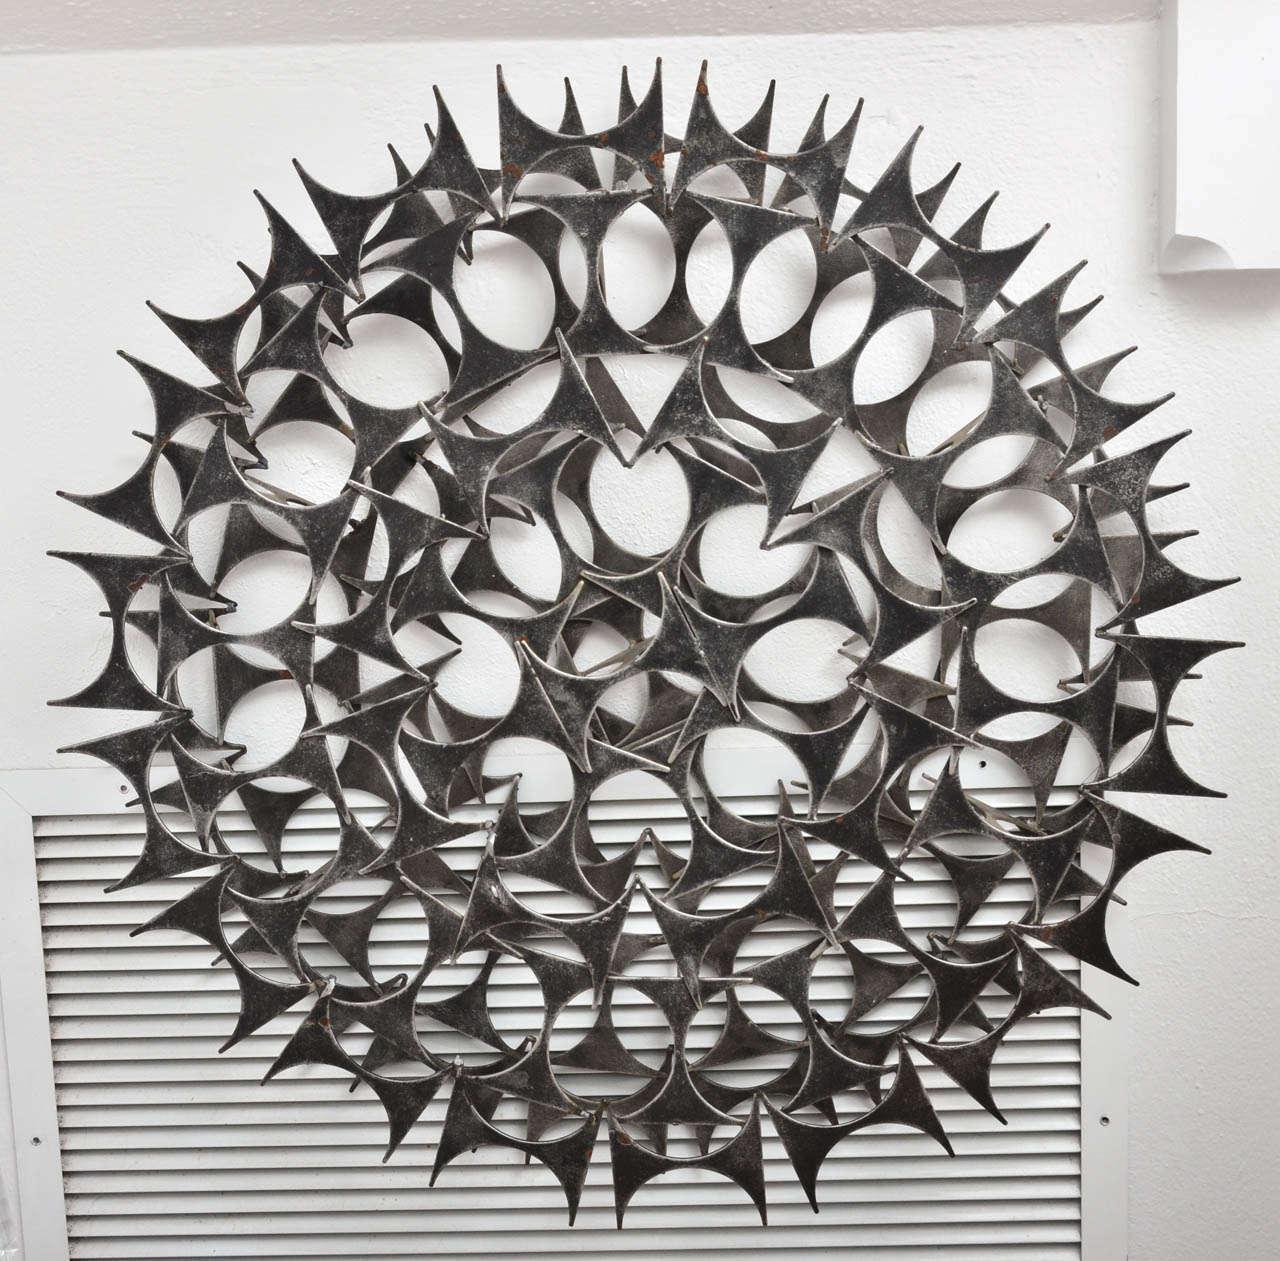 Marc Weinstein Starburst Sculpture Image 2